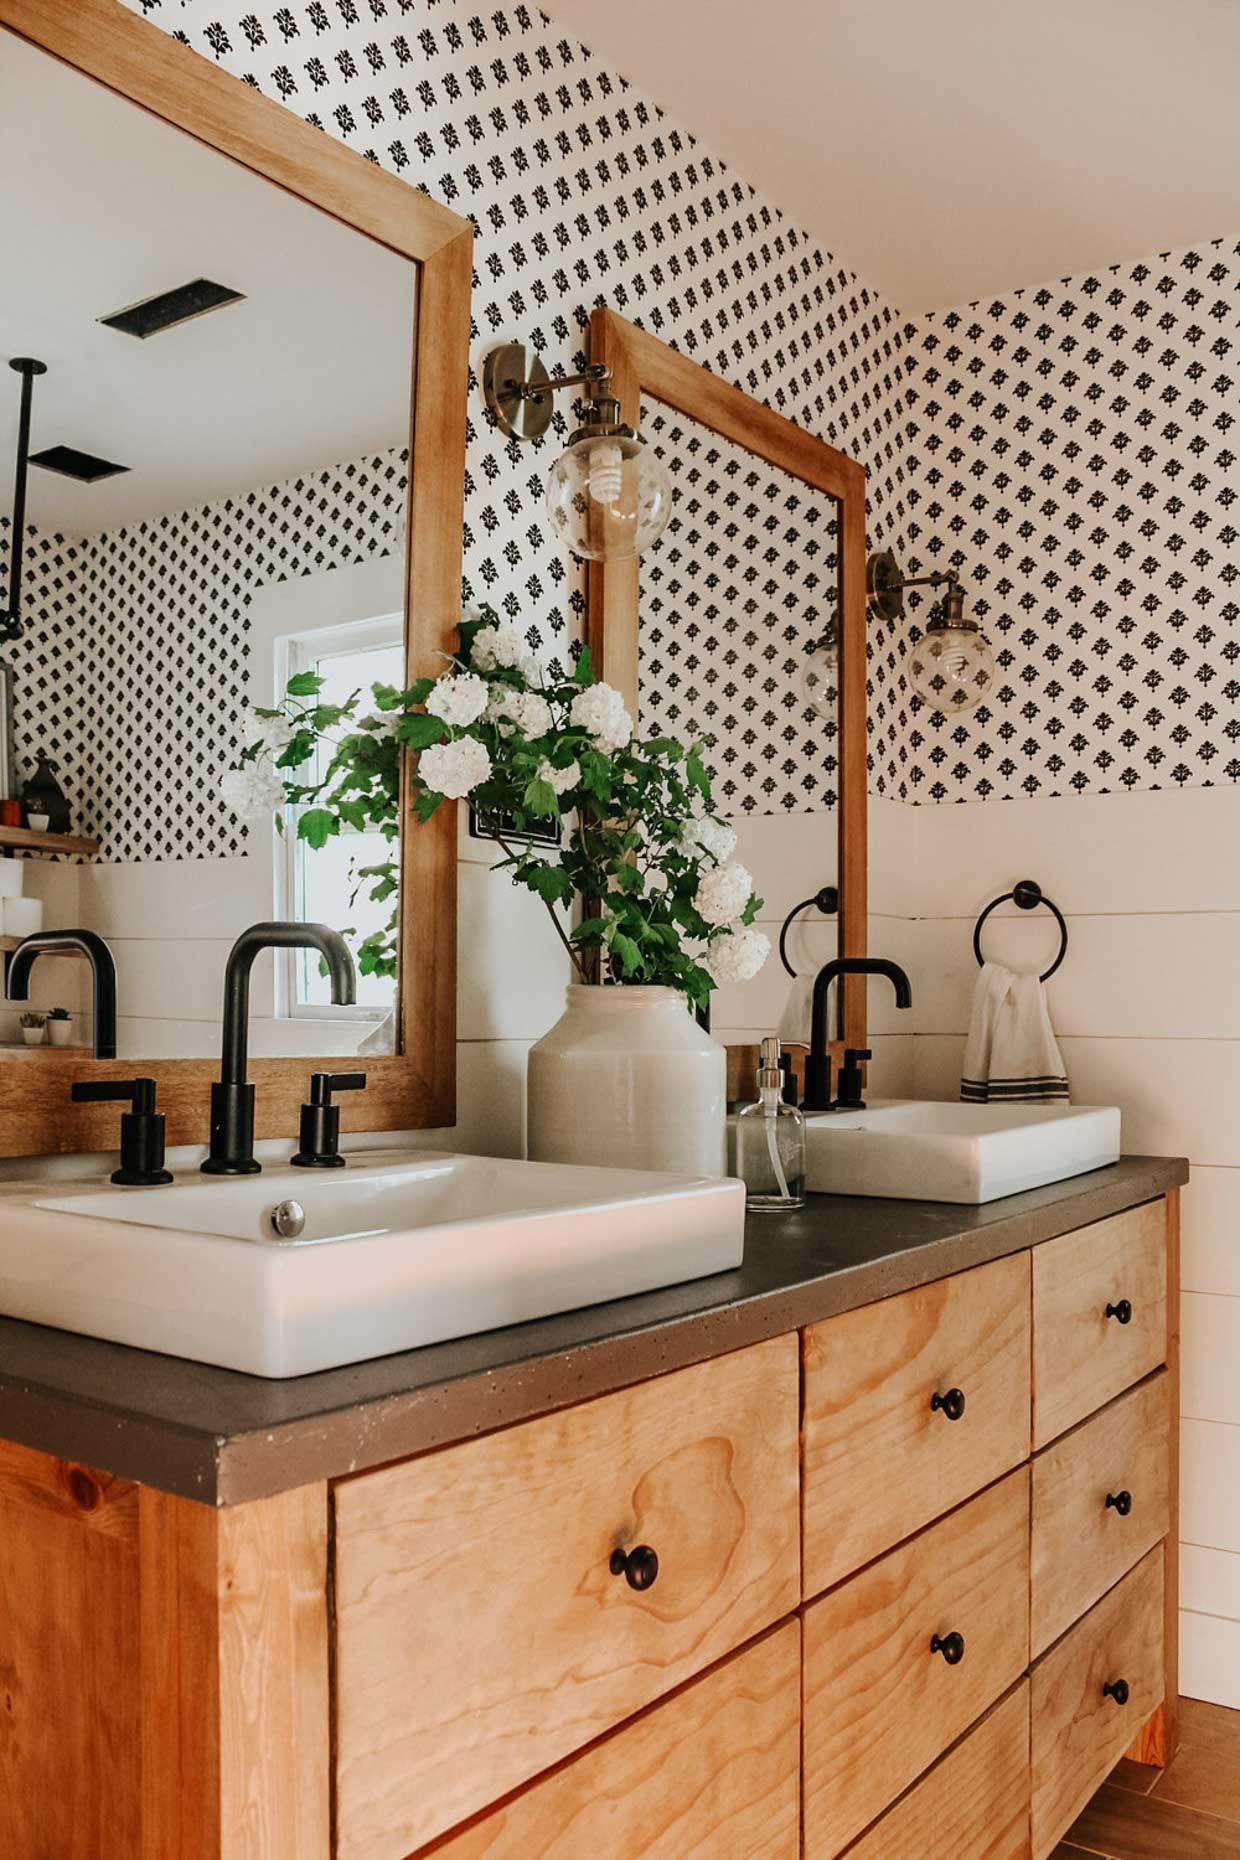 Small Bathroom Wallpaper Ideas Poor Little It Girl in